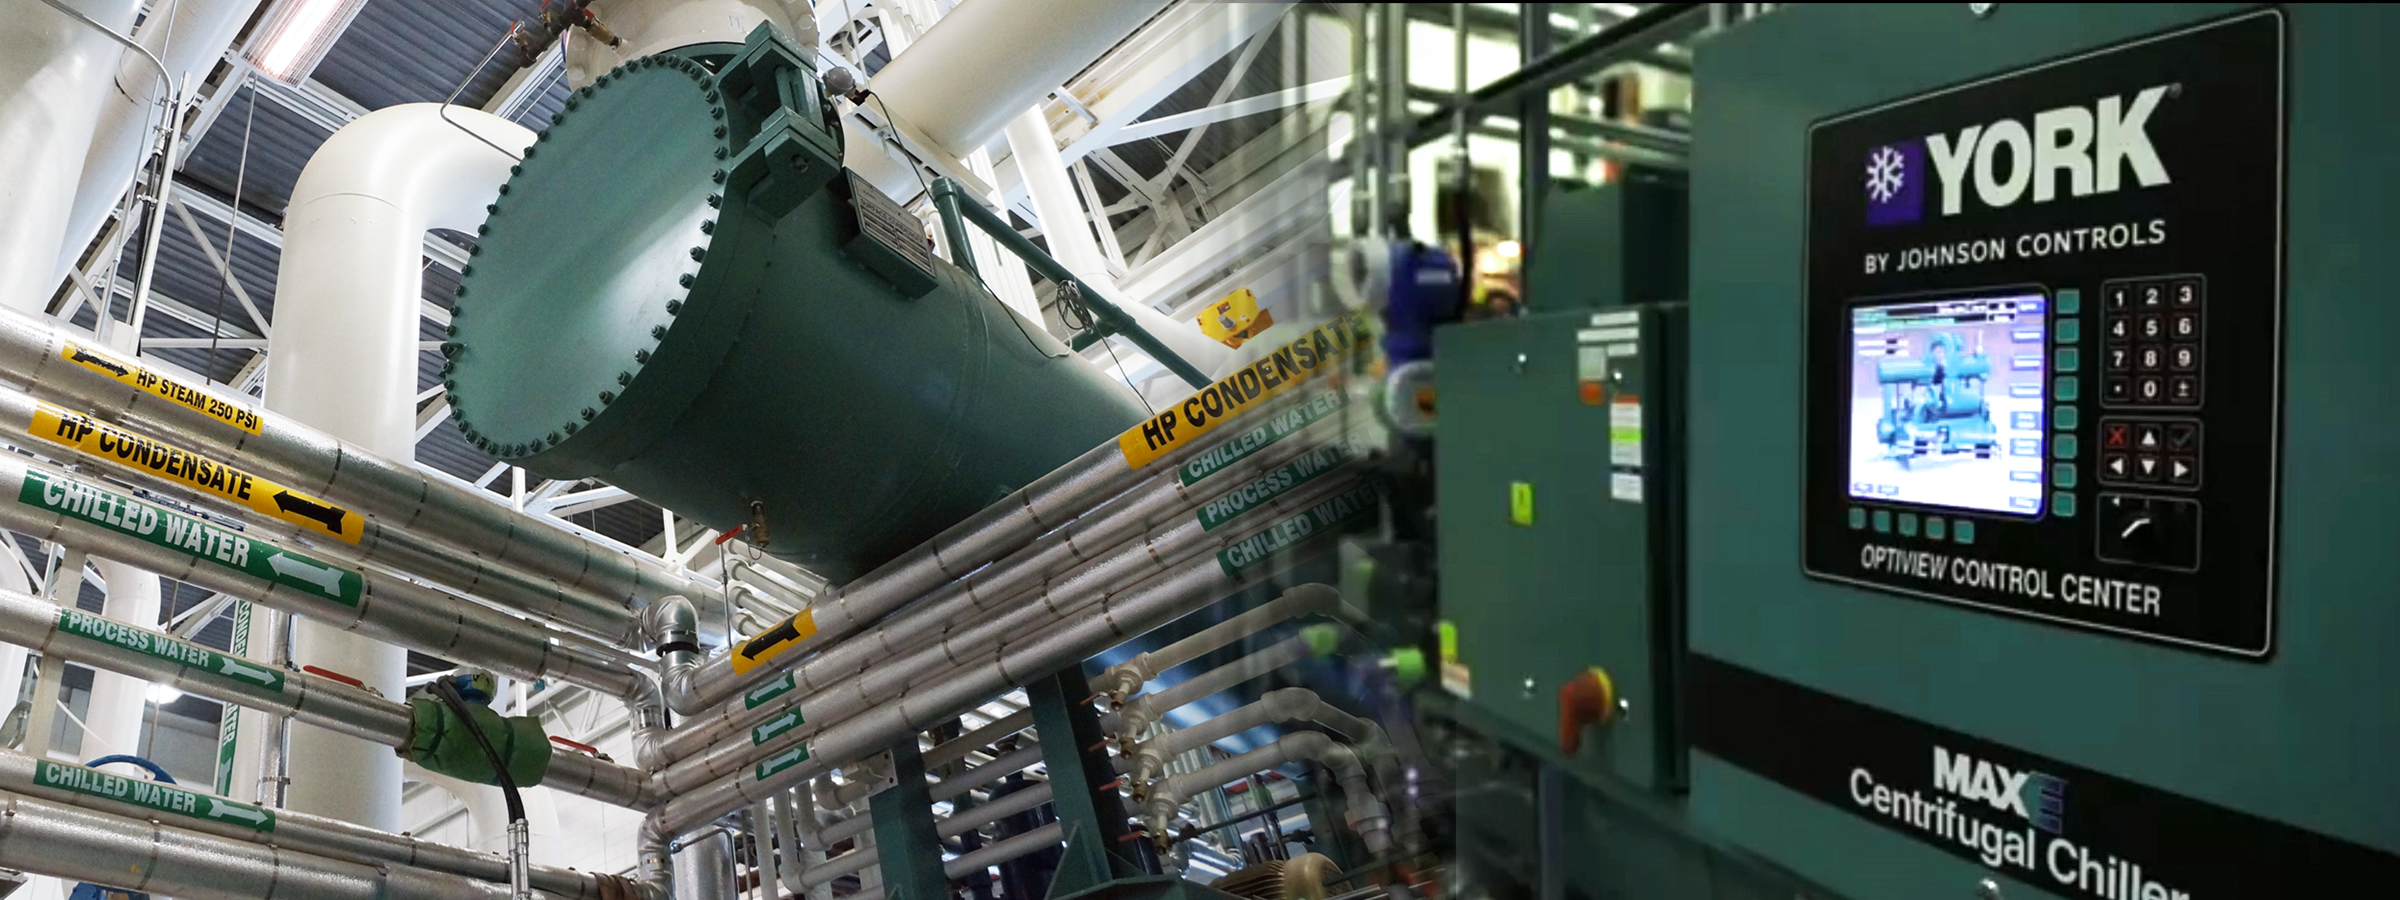 Central Utilities equipment